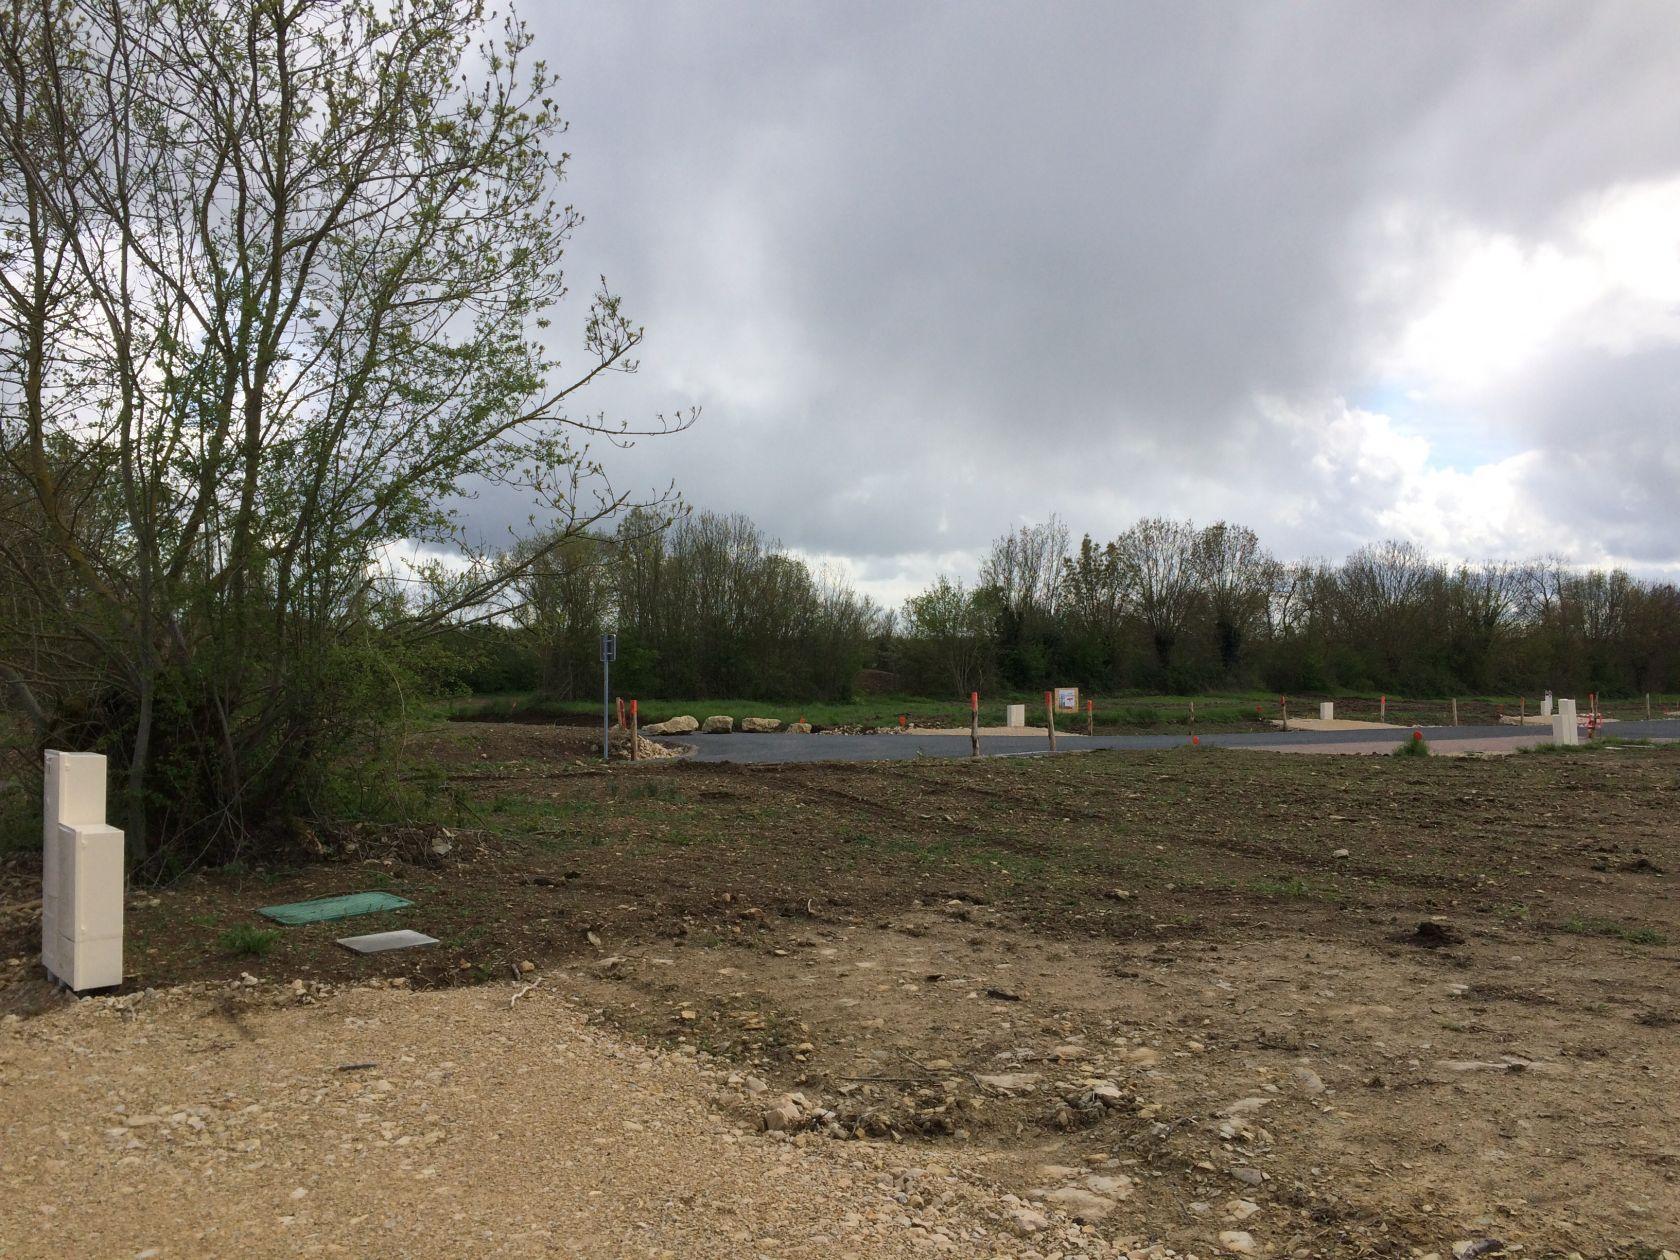 Terrains du constructeur DELRIEU CONSTRUCTION • 405 m² • AIFFRES